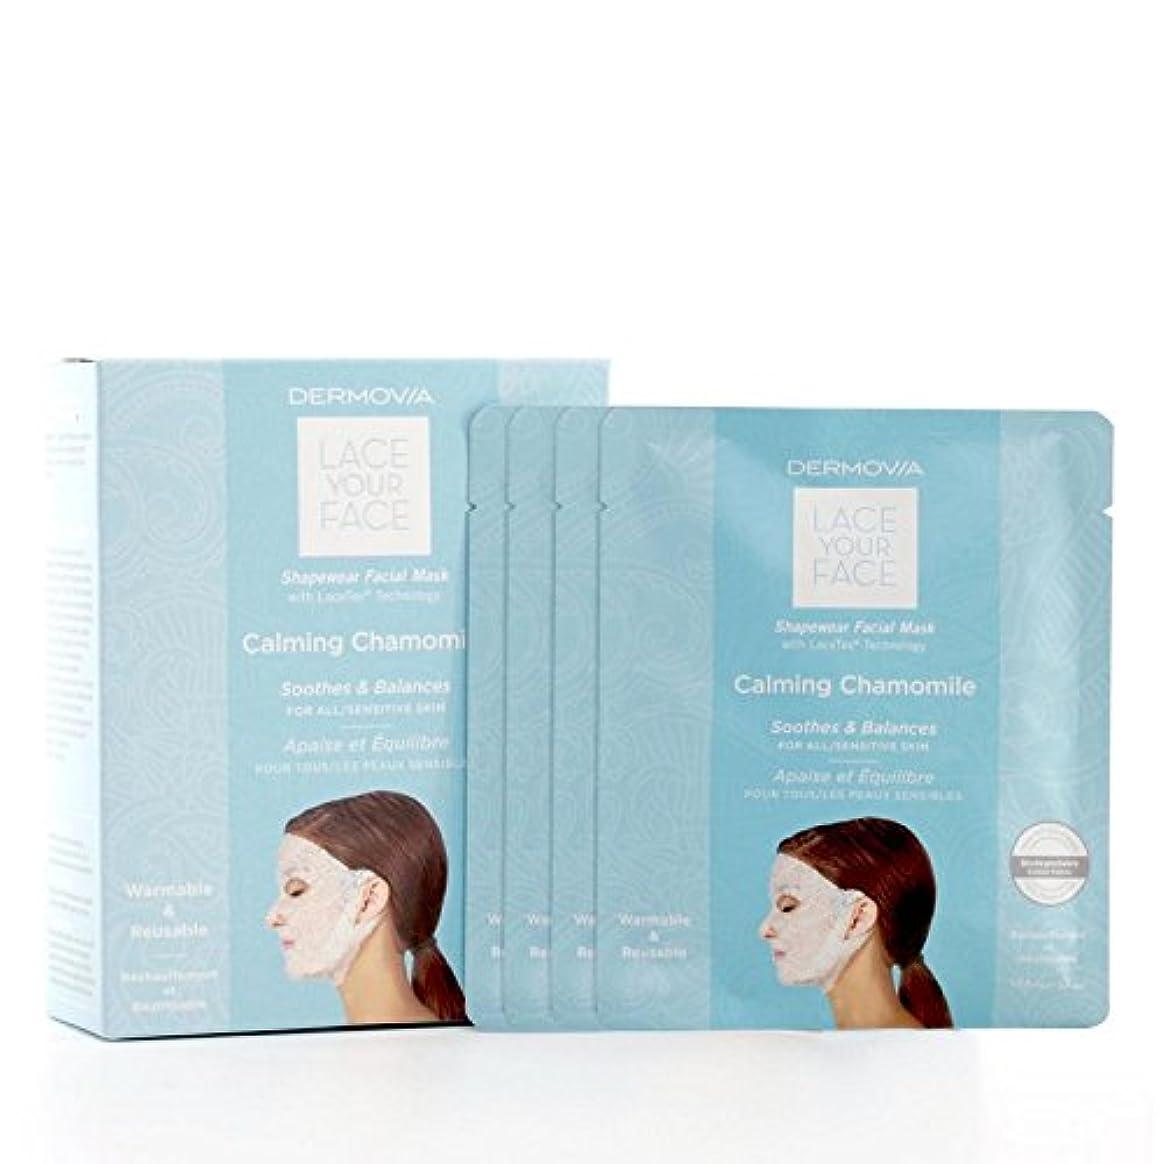 スカウト唯物論軍団Dermovia Lace Your Face Compression Facial Mask Calming Chamomile - は、あなたの顔の圧縮フェイシャルマスク心を落ち着かせるカモミールをひもで締めます [...